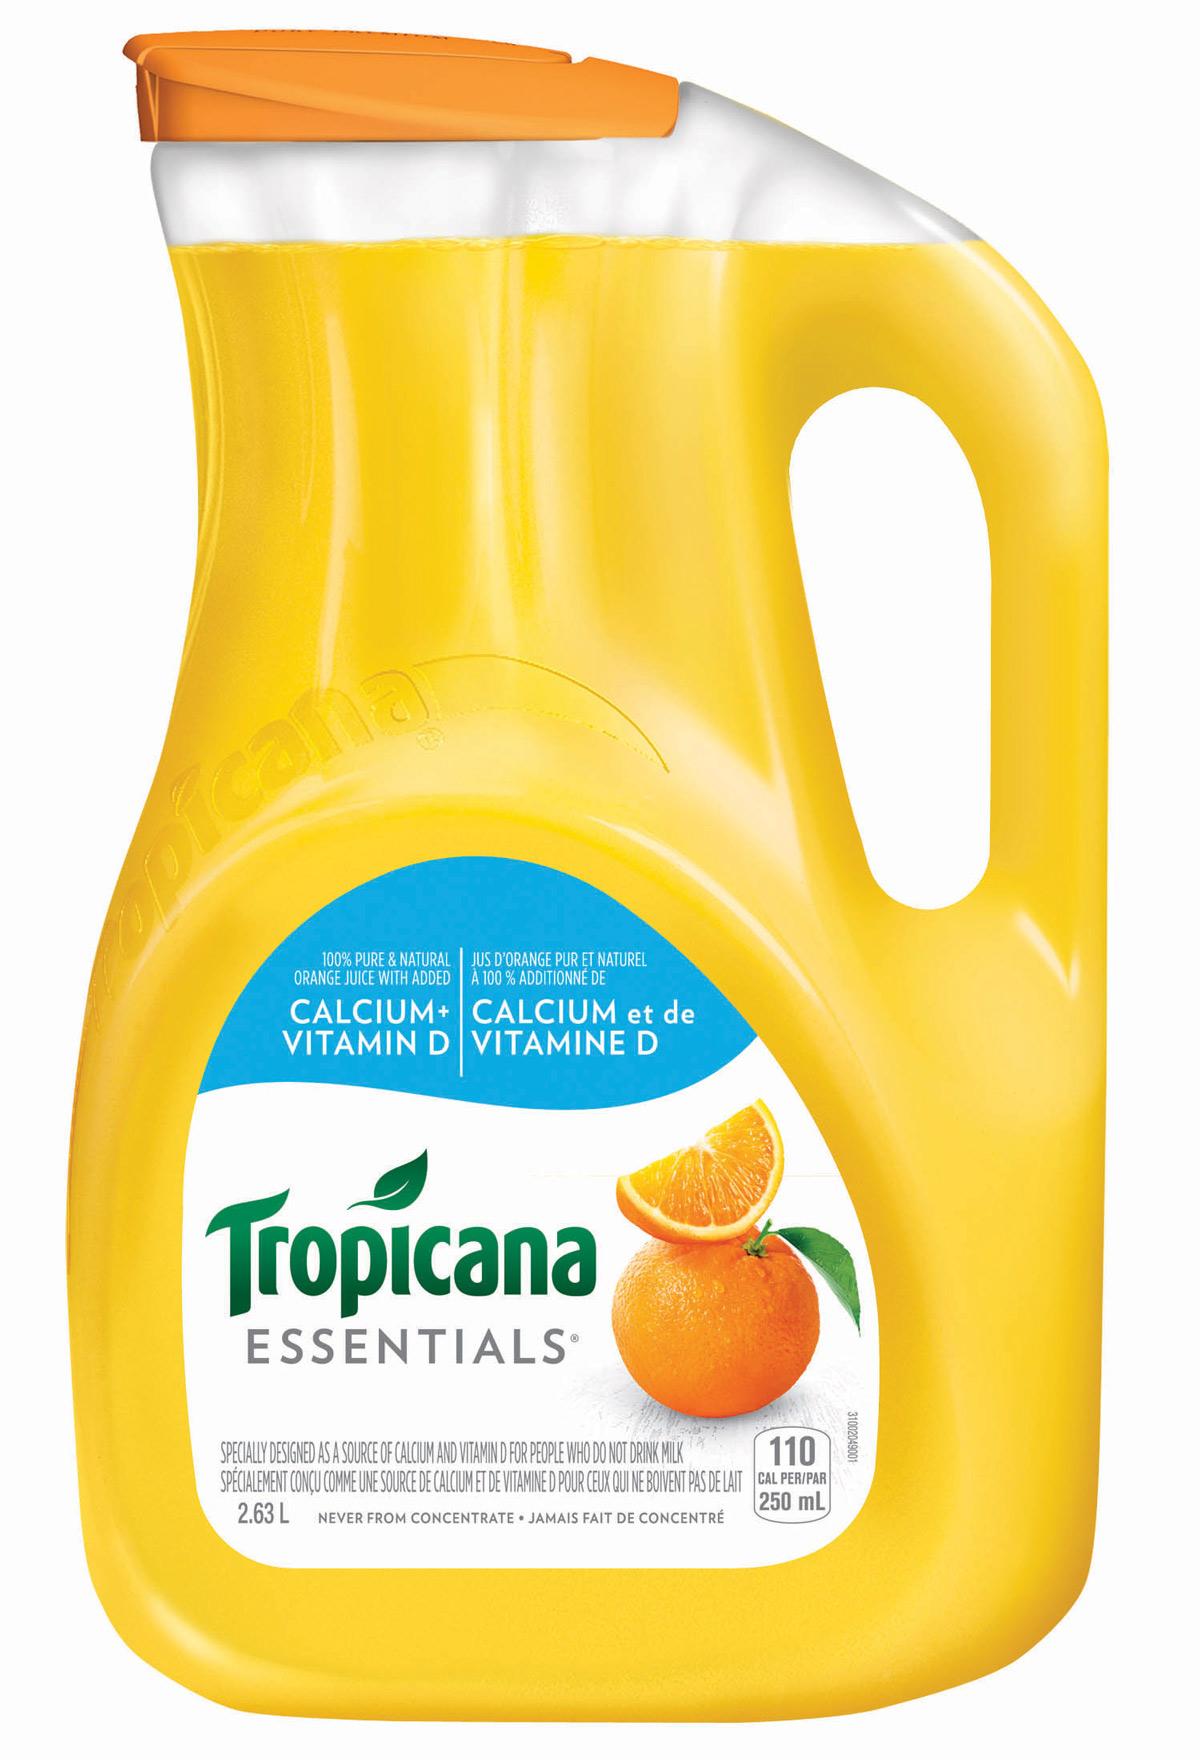 Tropicana Essentials® Calcium & Vitamin D